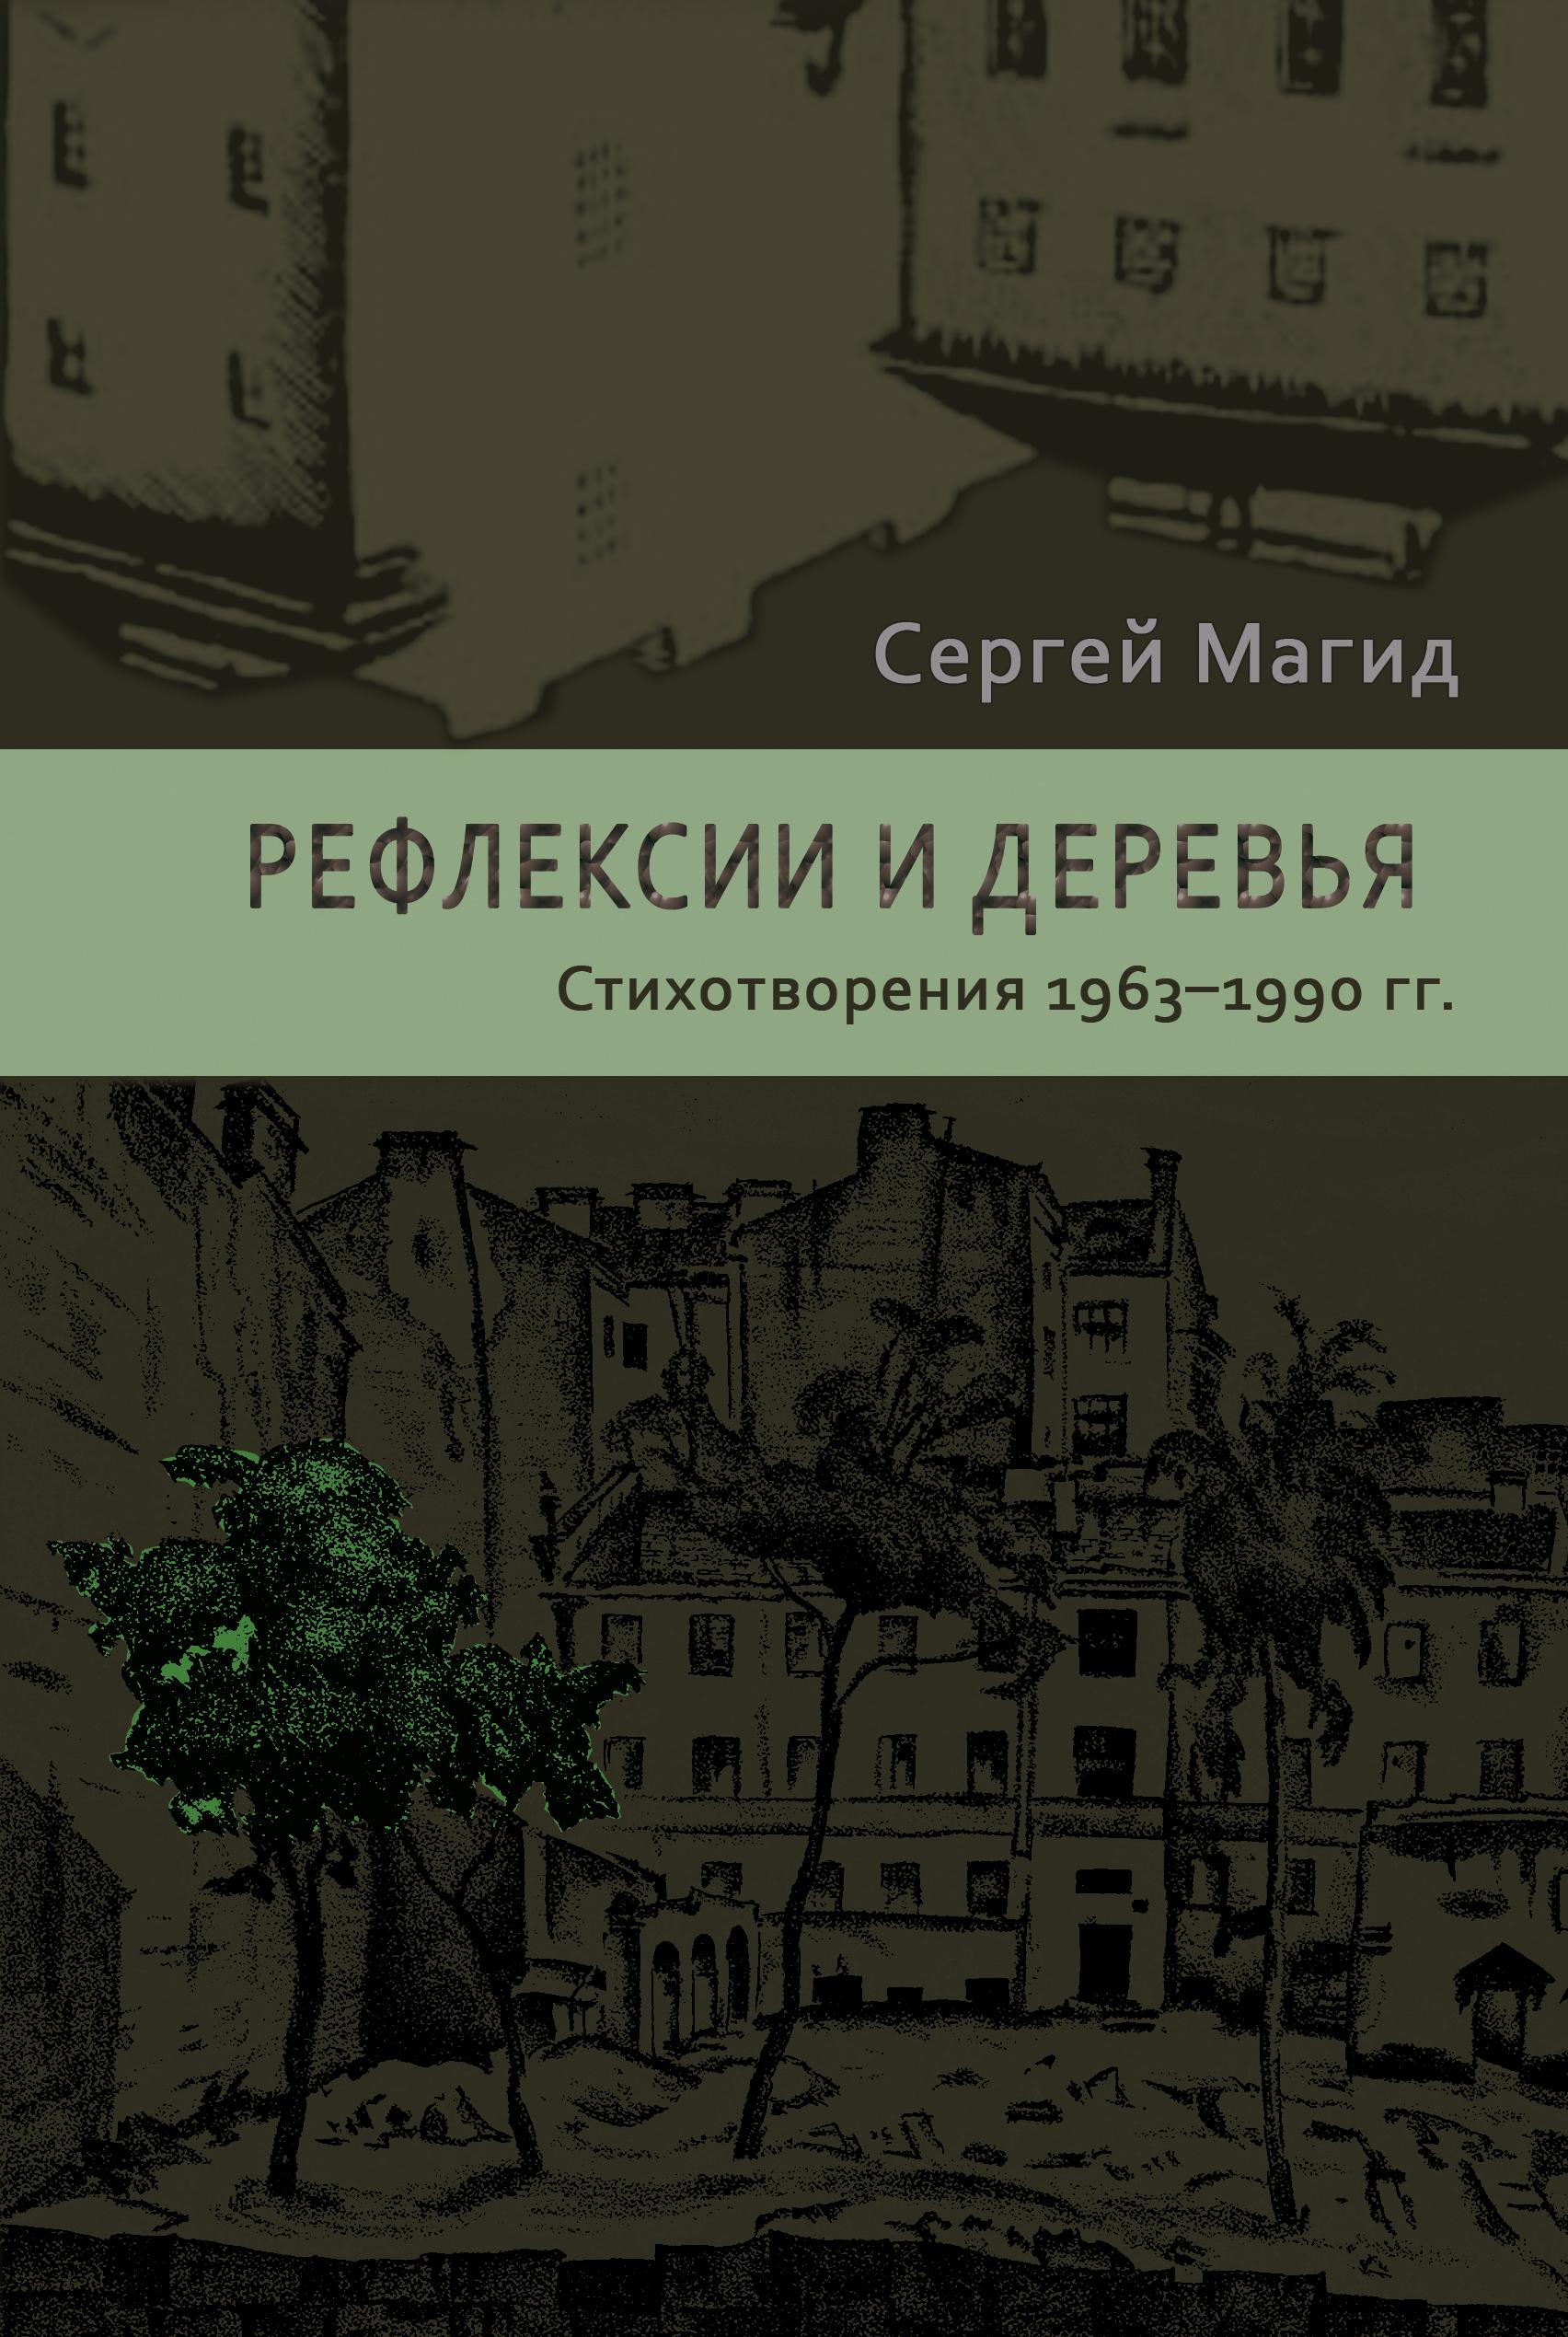 Рефлексии и деревья. Стихотворения 1963–1990 гг.